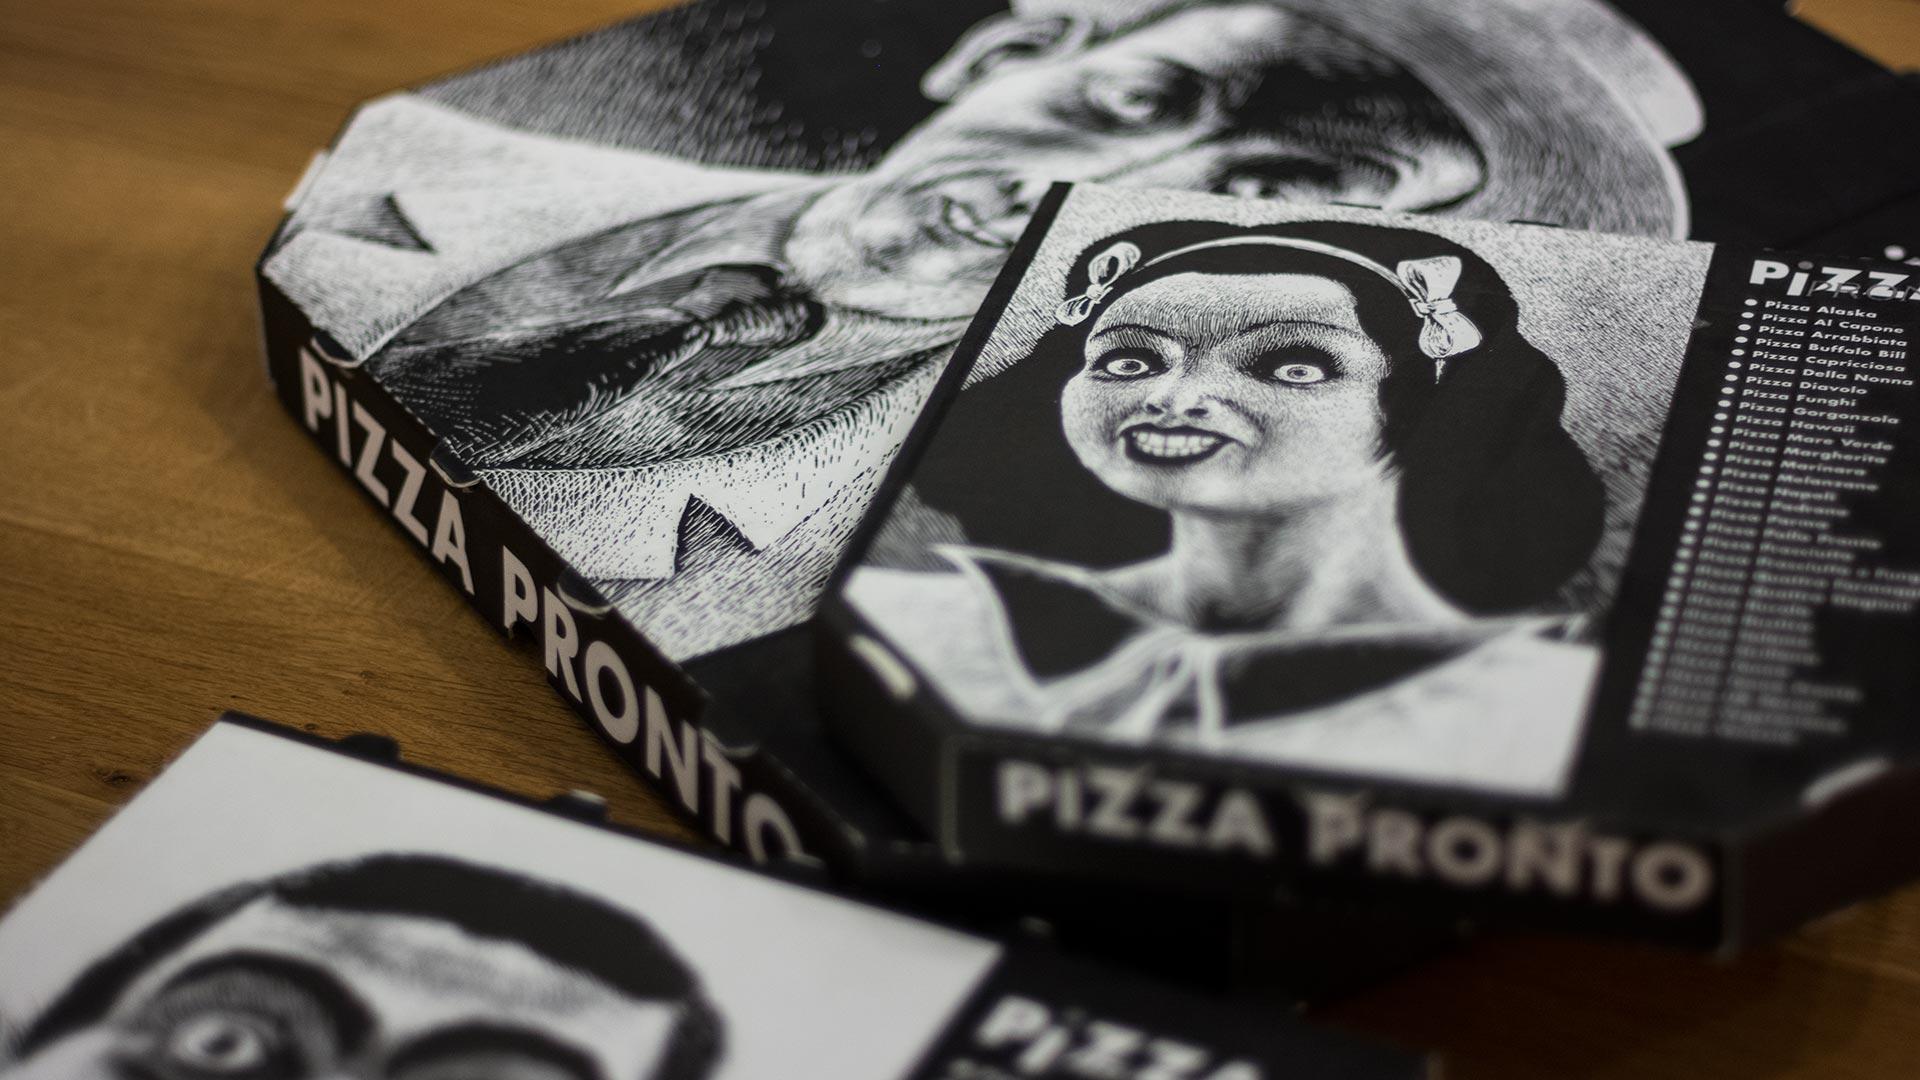 equipe-visuelle-luzern-emmenbruecke-pizza-pronto-verpackungs-design-grafik-werbung